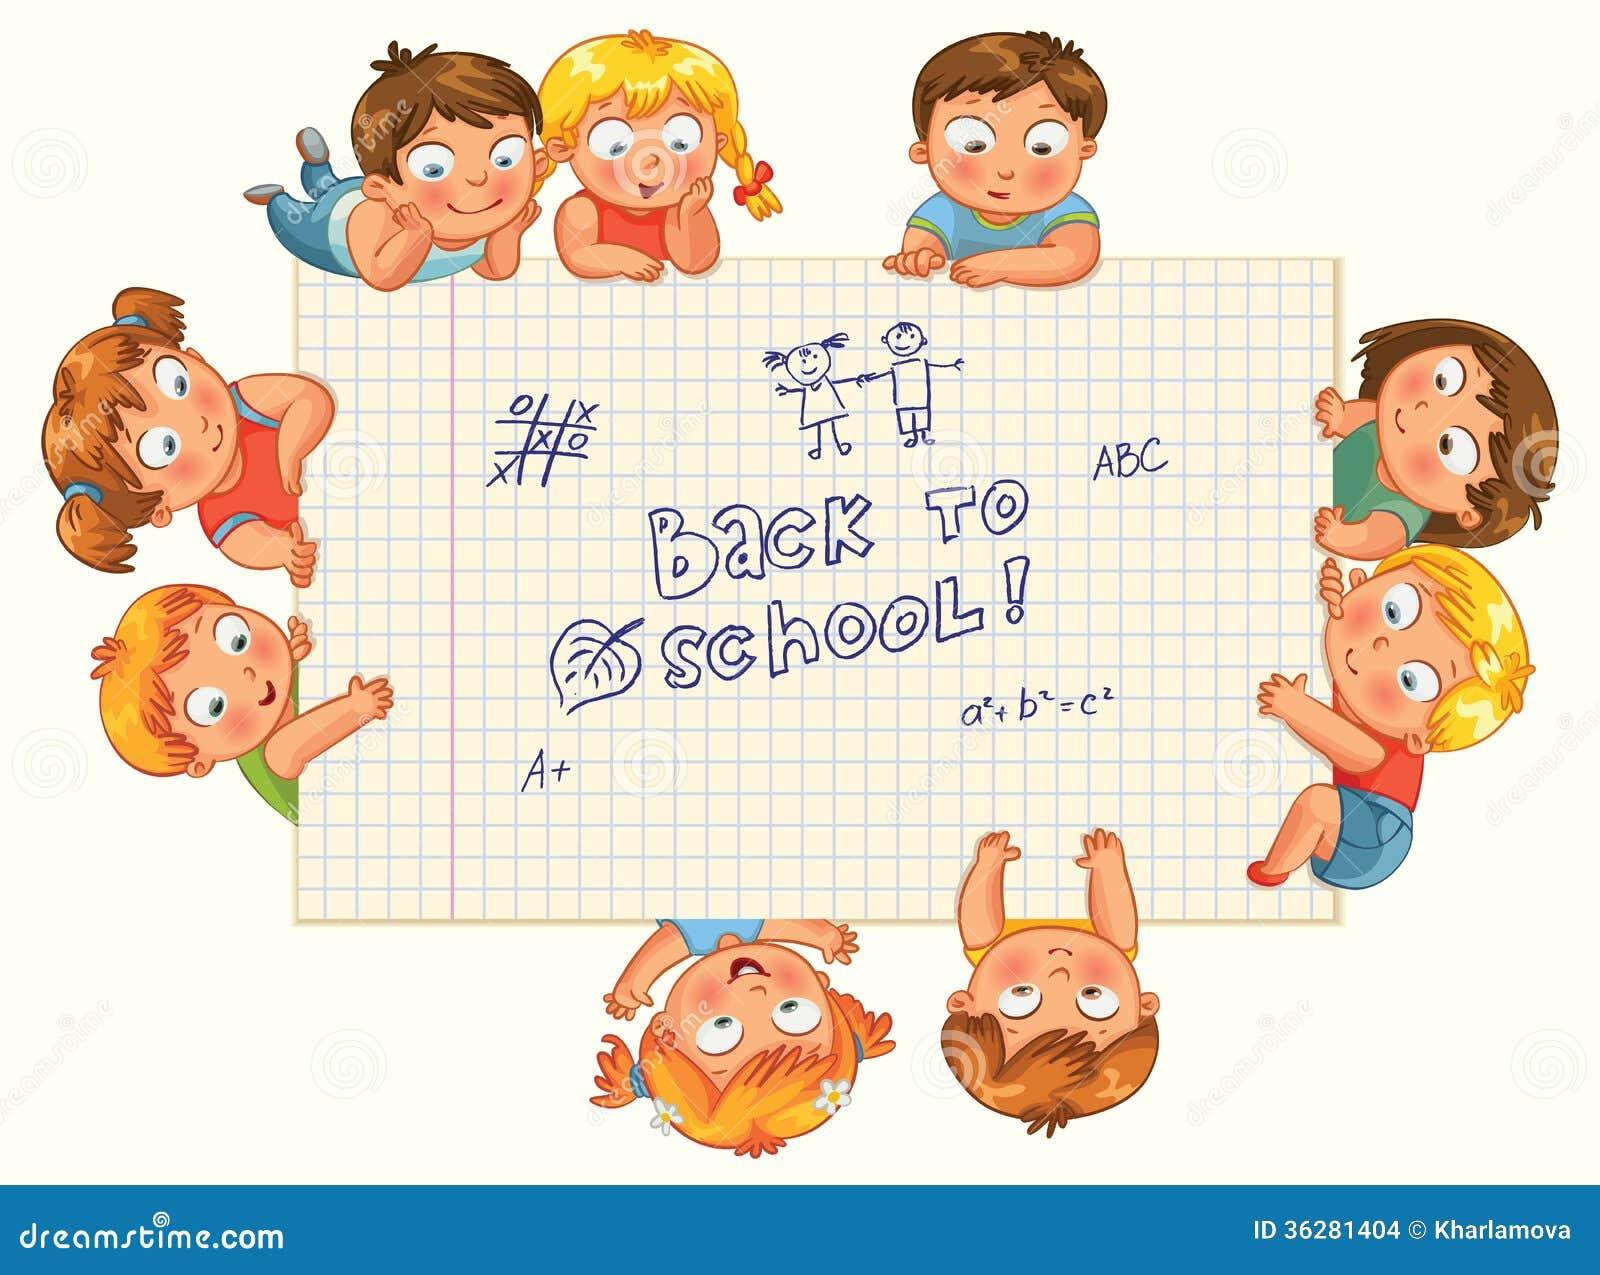 les petits enfants mignons montrent un livre d 39 exercice vide images stock image 36281404. Black Bedroom Furniture Sets. Home Design Ideas